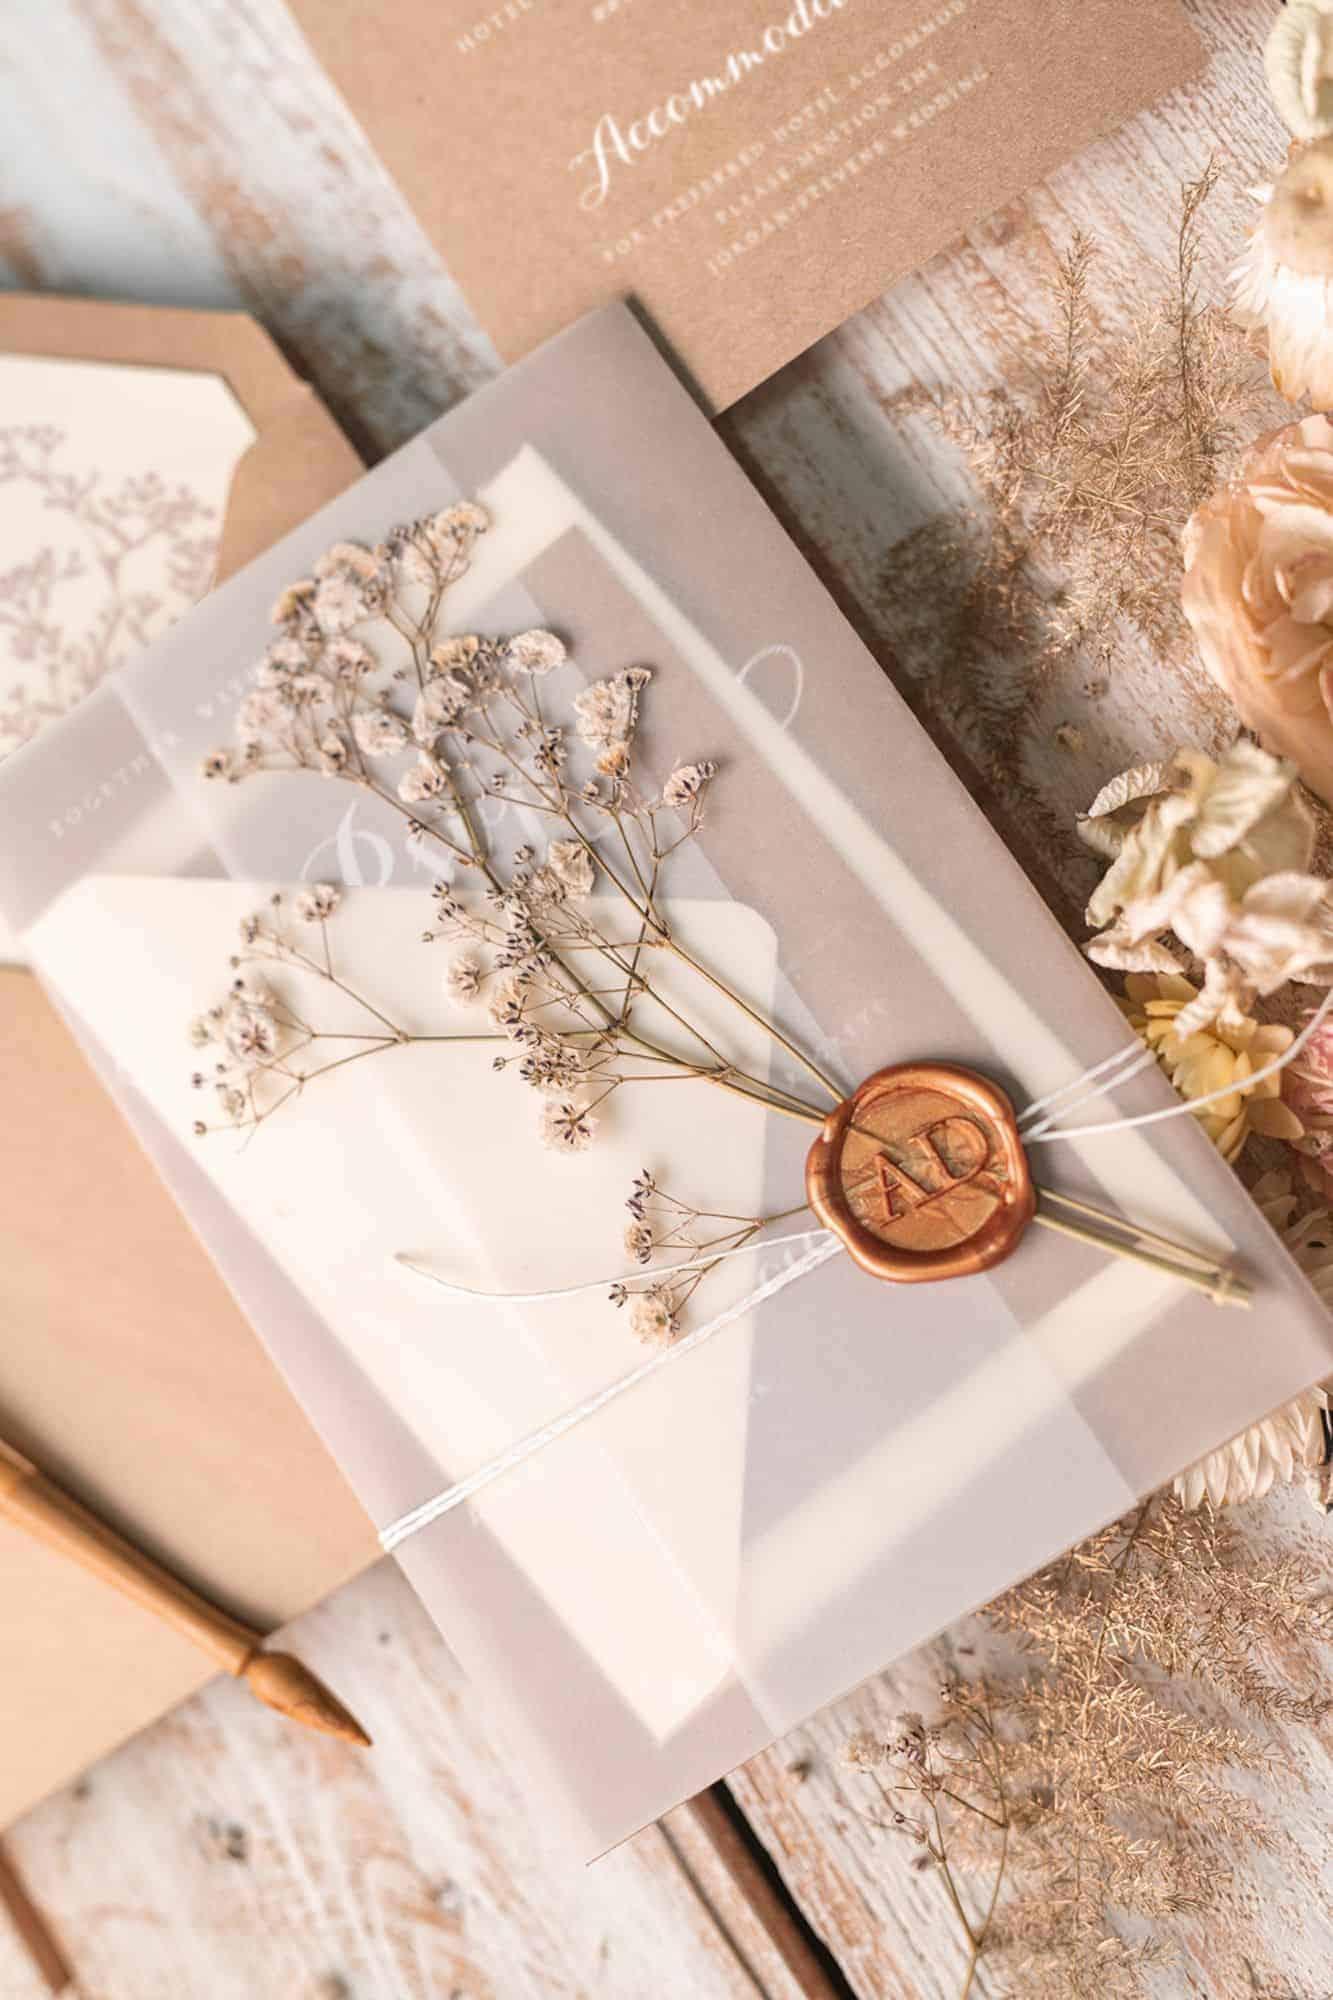 γαμήλια πρόσκληση με tracing paper , βουλοκέρι και αποξυραμένο γυψόφυλλο